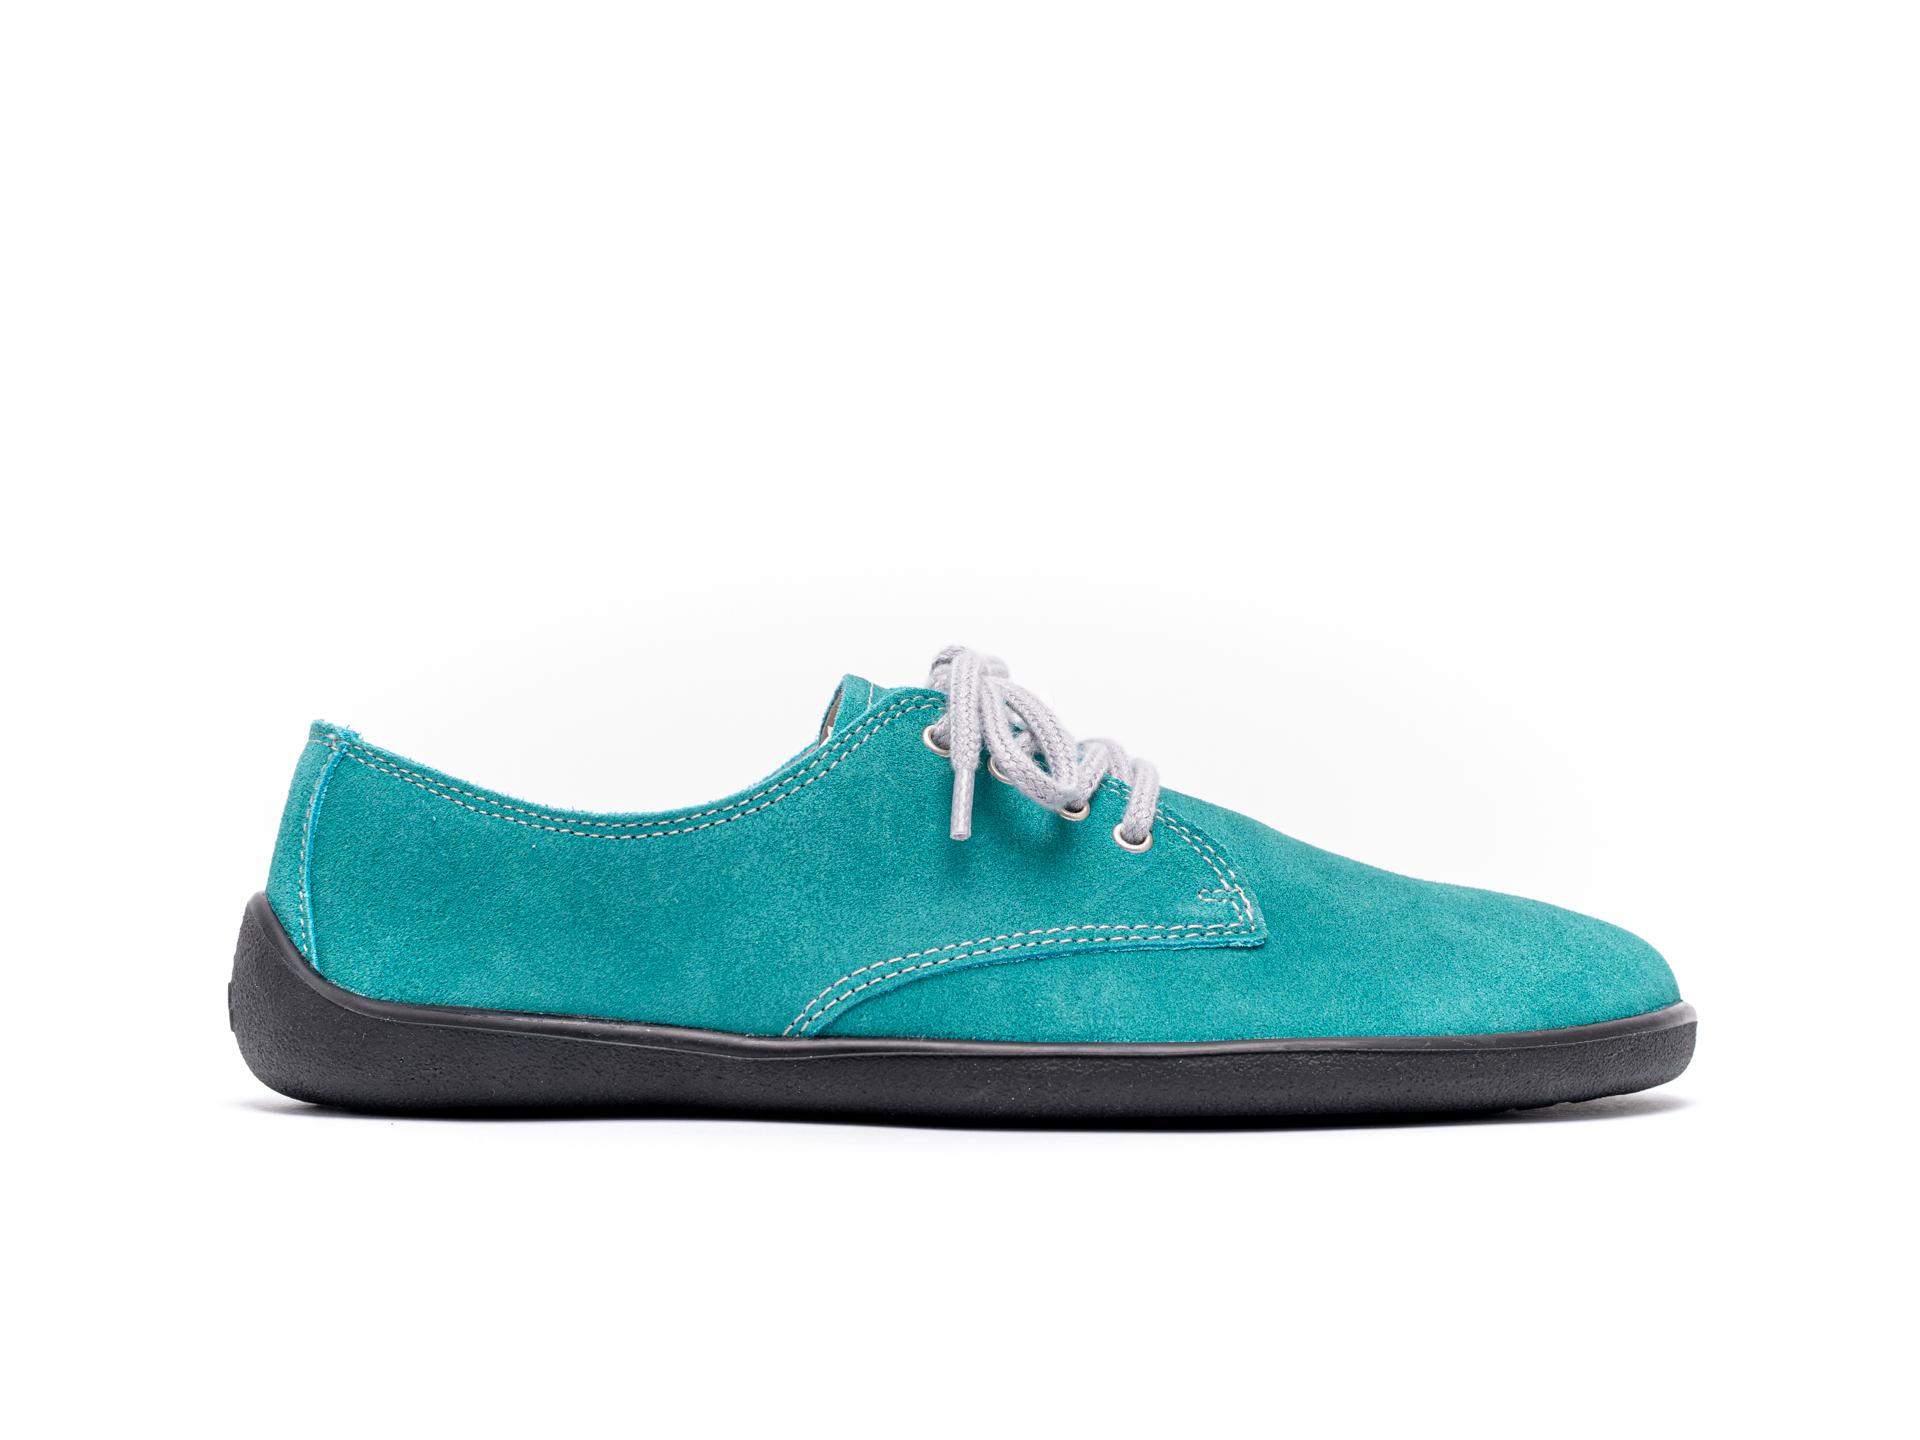 Barefoot Shoes - Be Lenka City - Turquoise 43